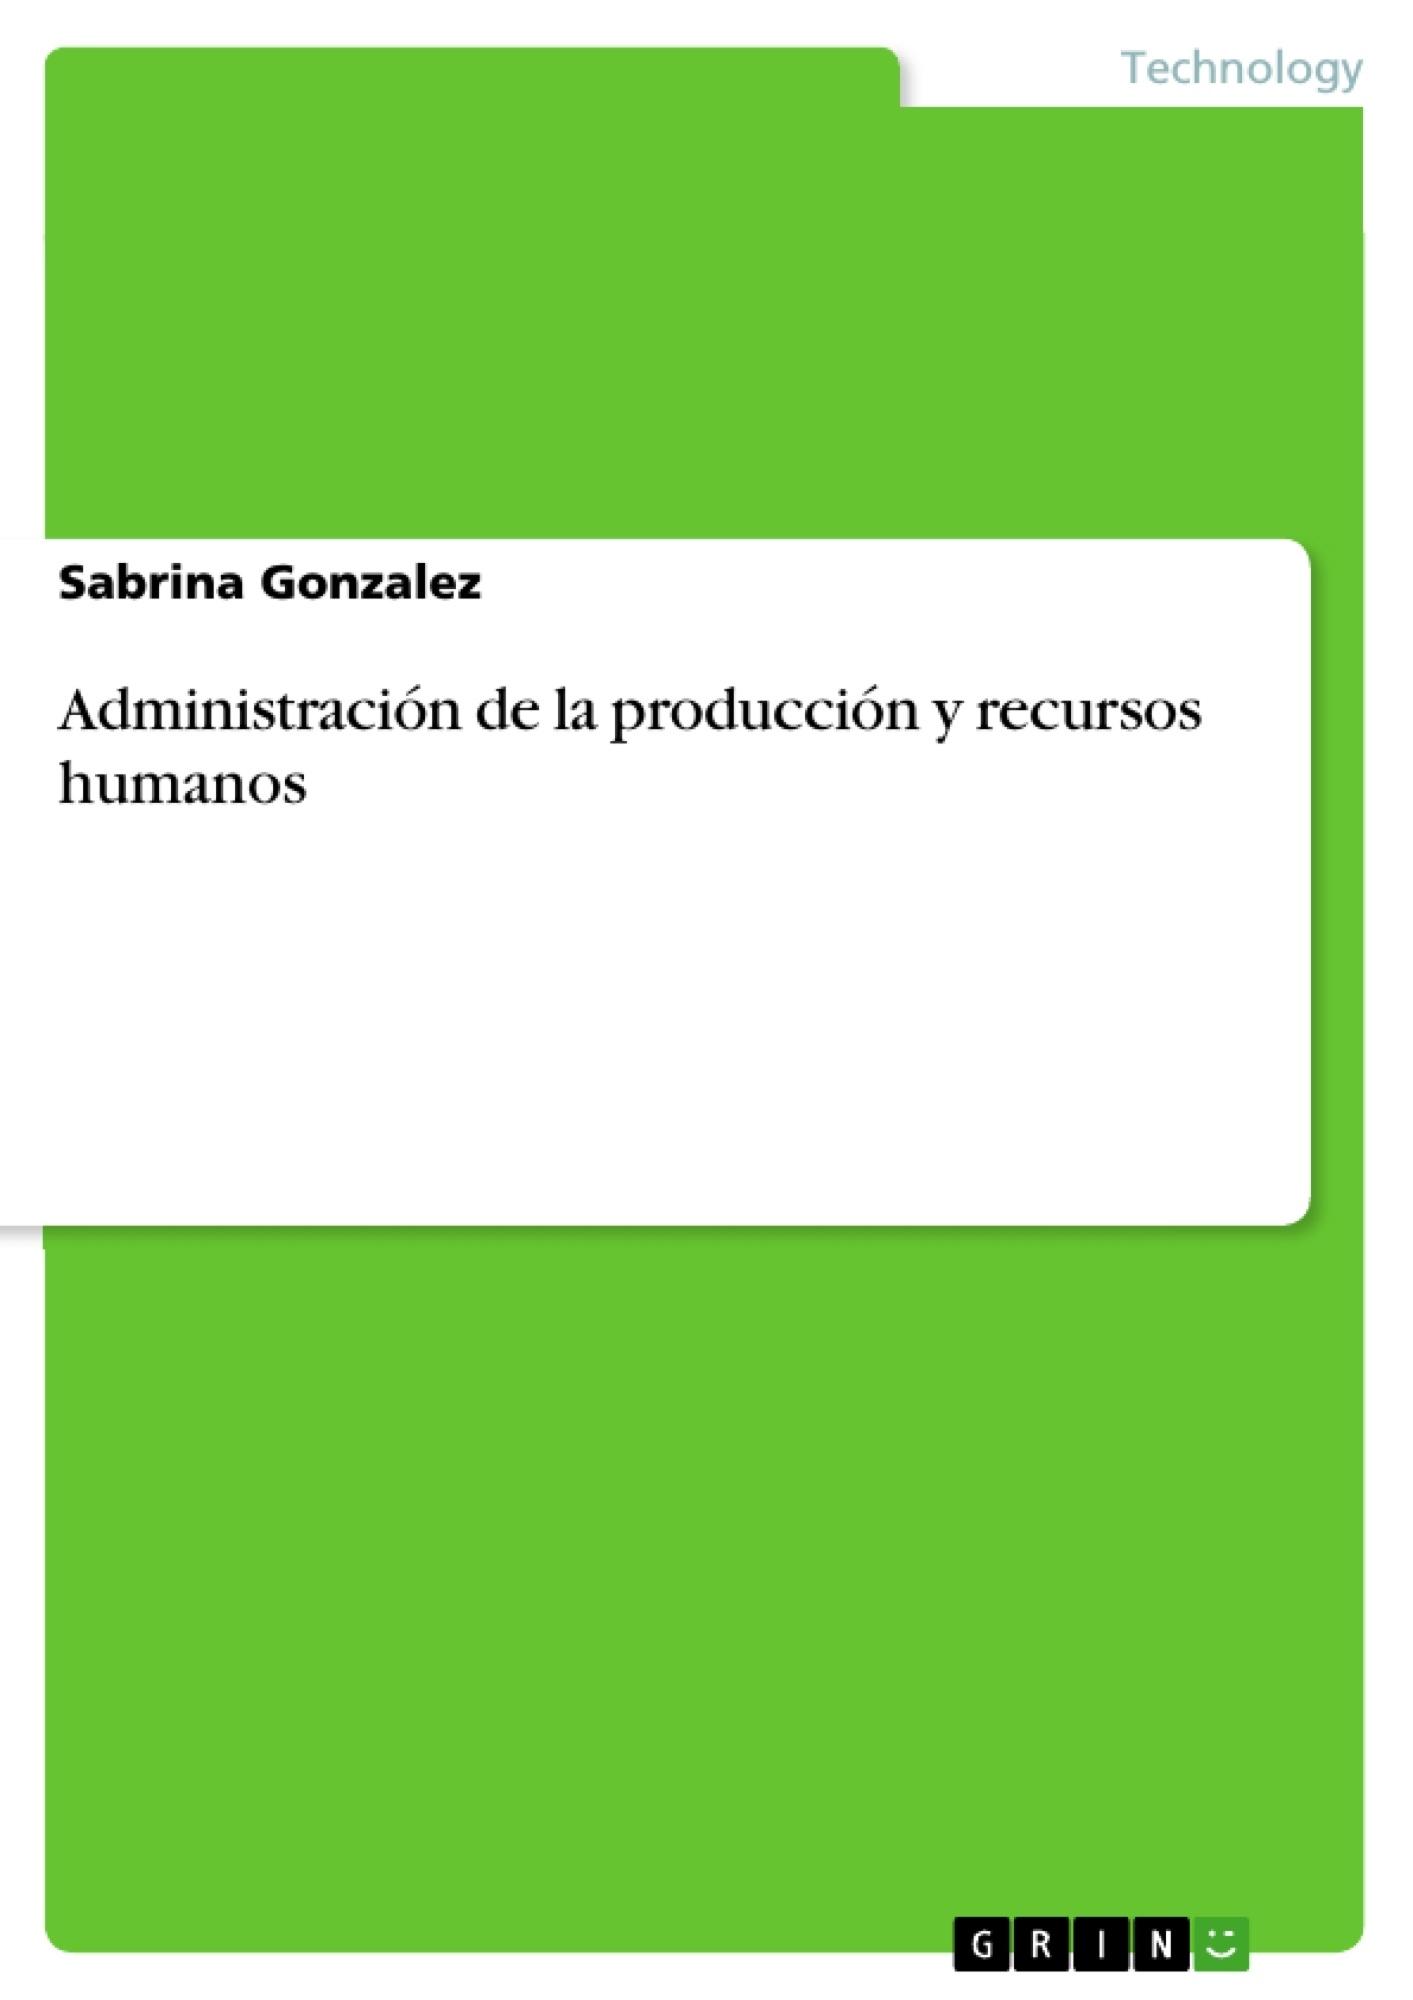 Título: Administración de la producción y recursos humanos